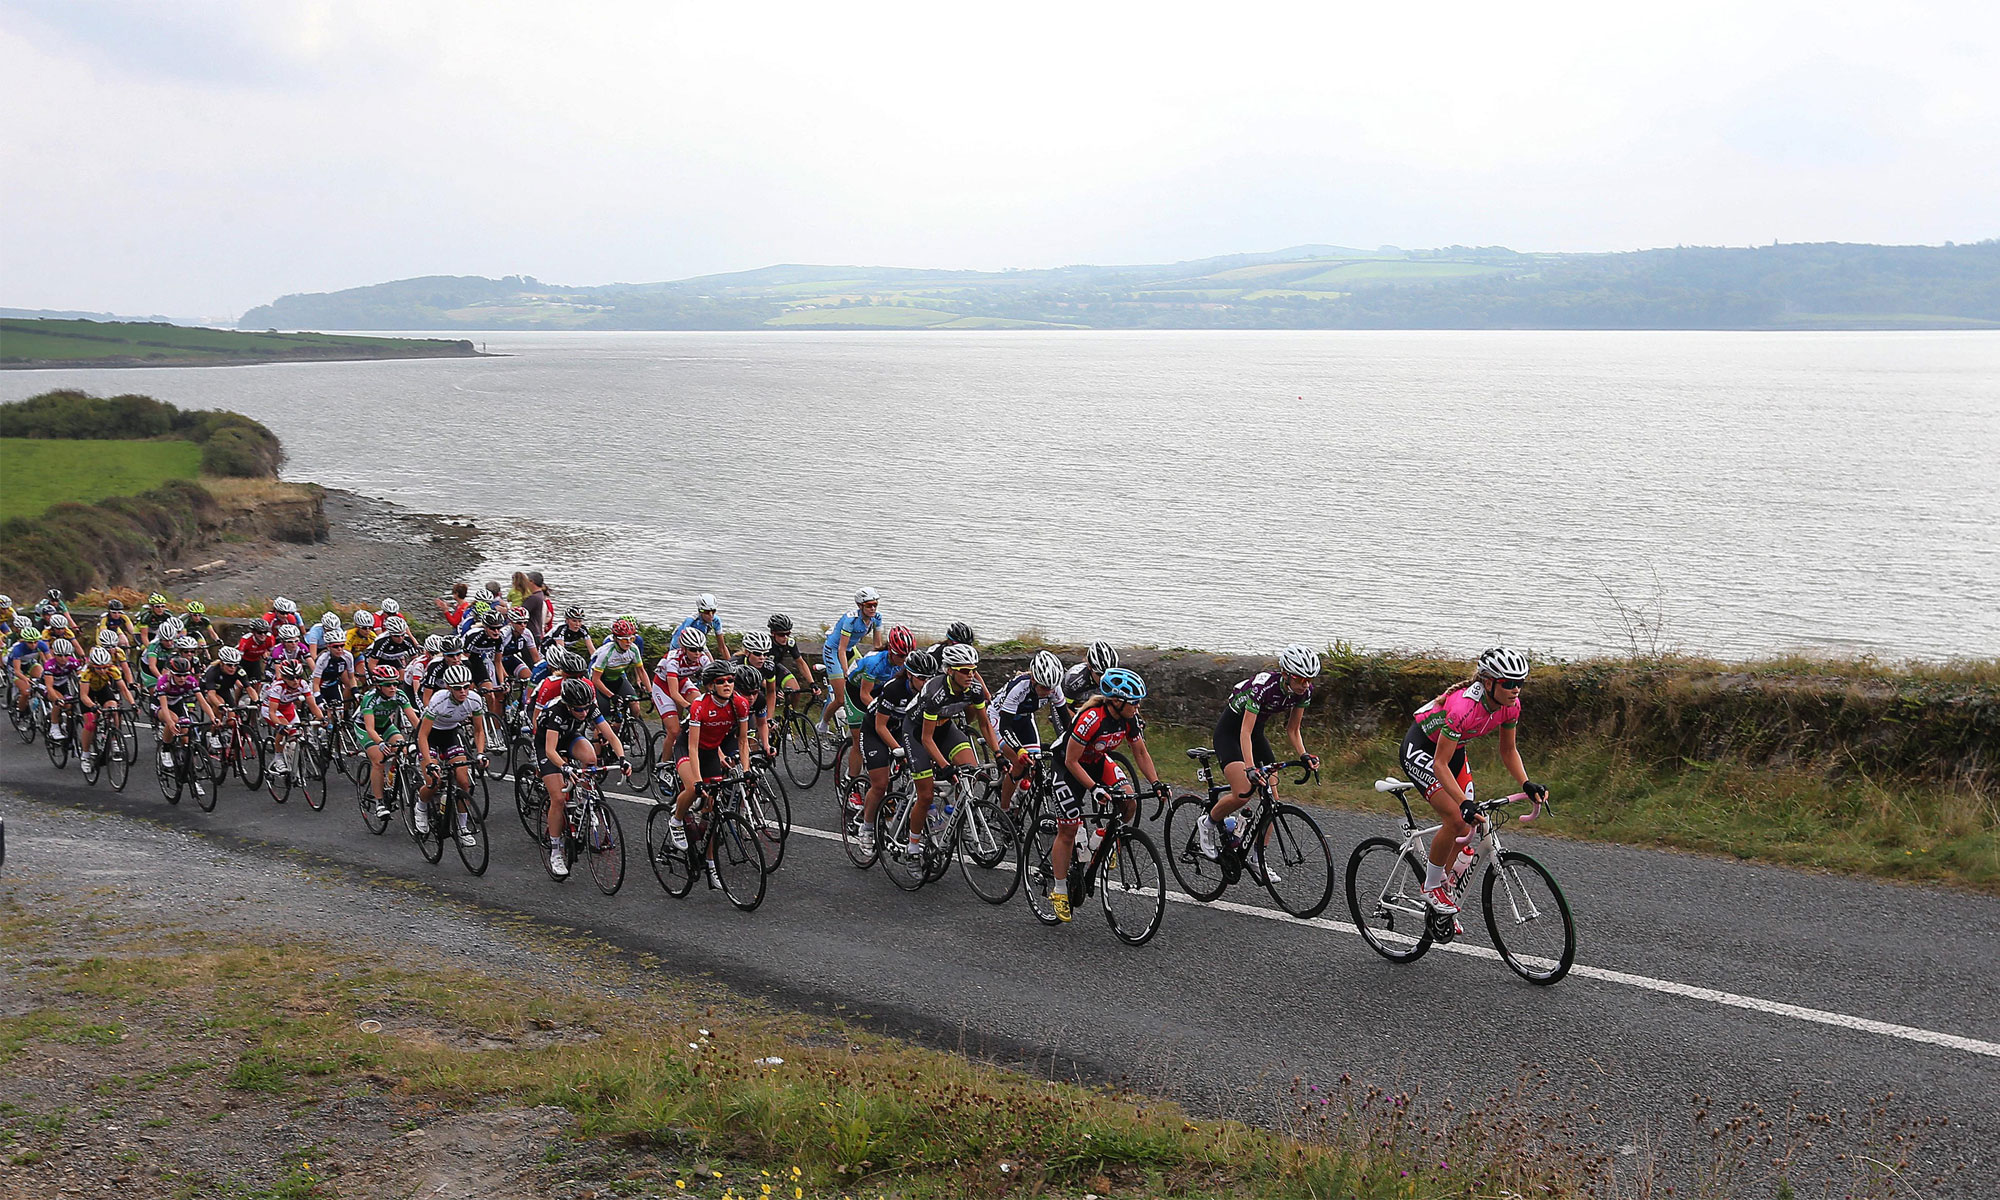 2014 Rás na mBan Stage 6 - Dromoland to Ennis